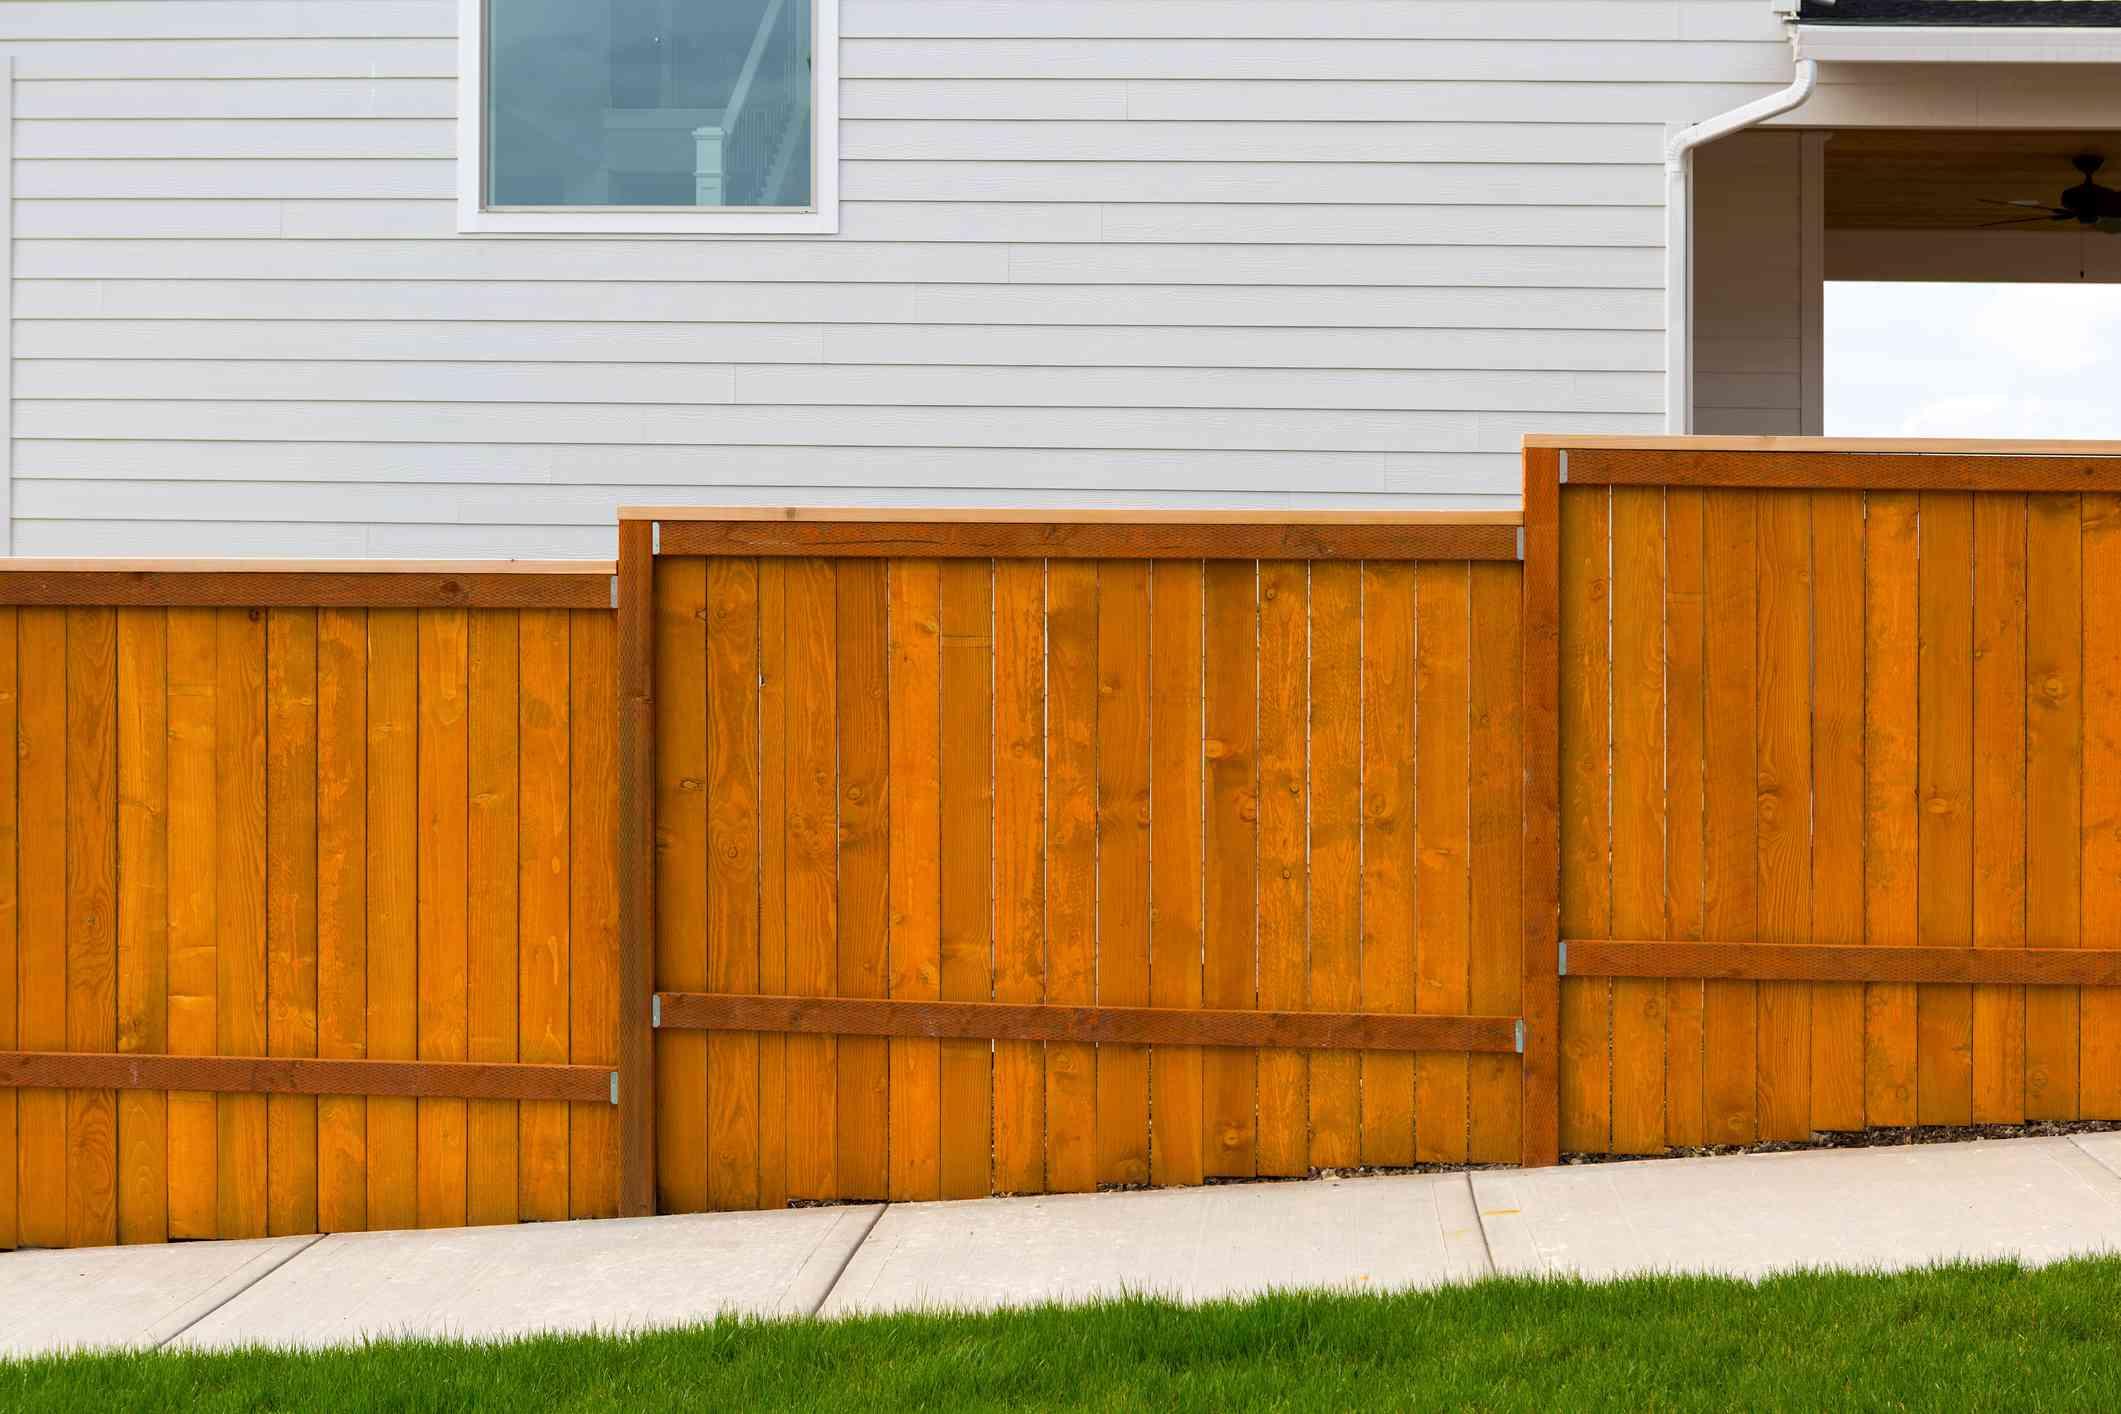 Construcción de cerca de madera de cedro teñida de rojo en el nuevo patio trasero